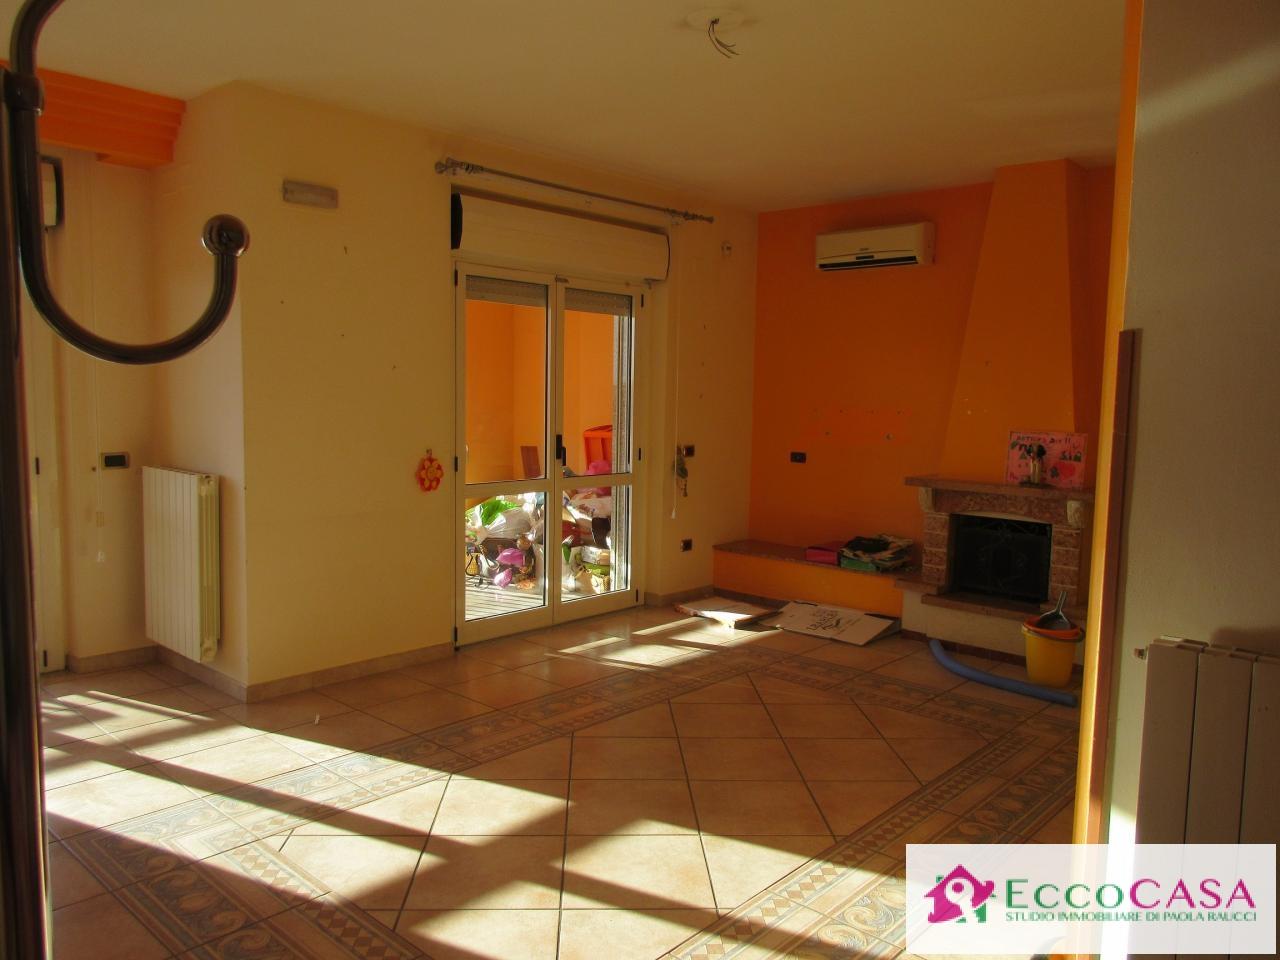 Appartamento in affitto a Maddaloni, 3 locali, prezzo € 425 | Cambio Casa.it